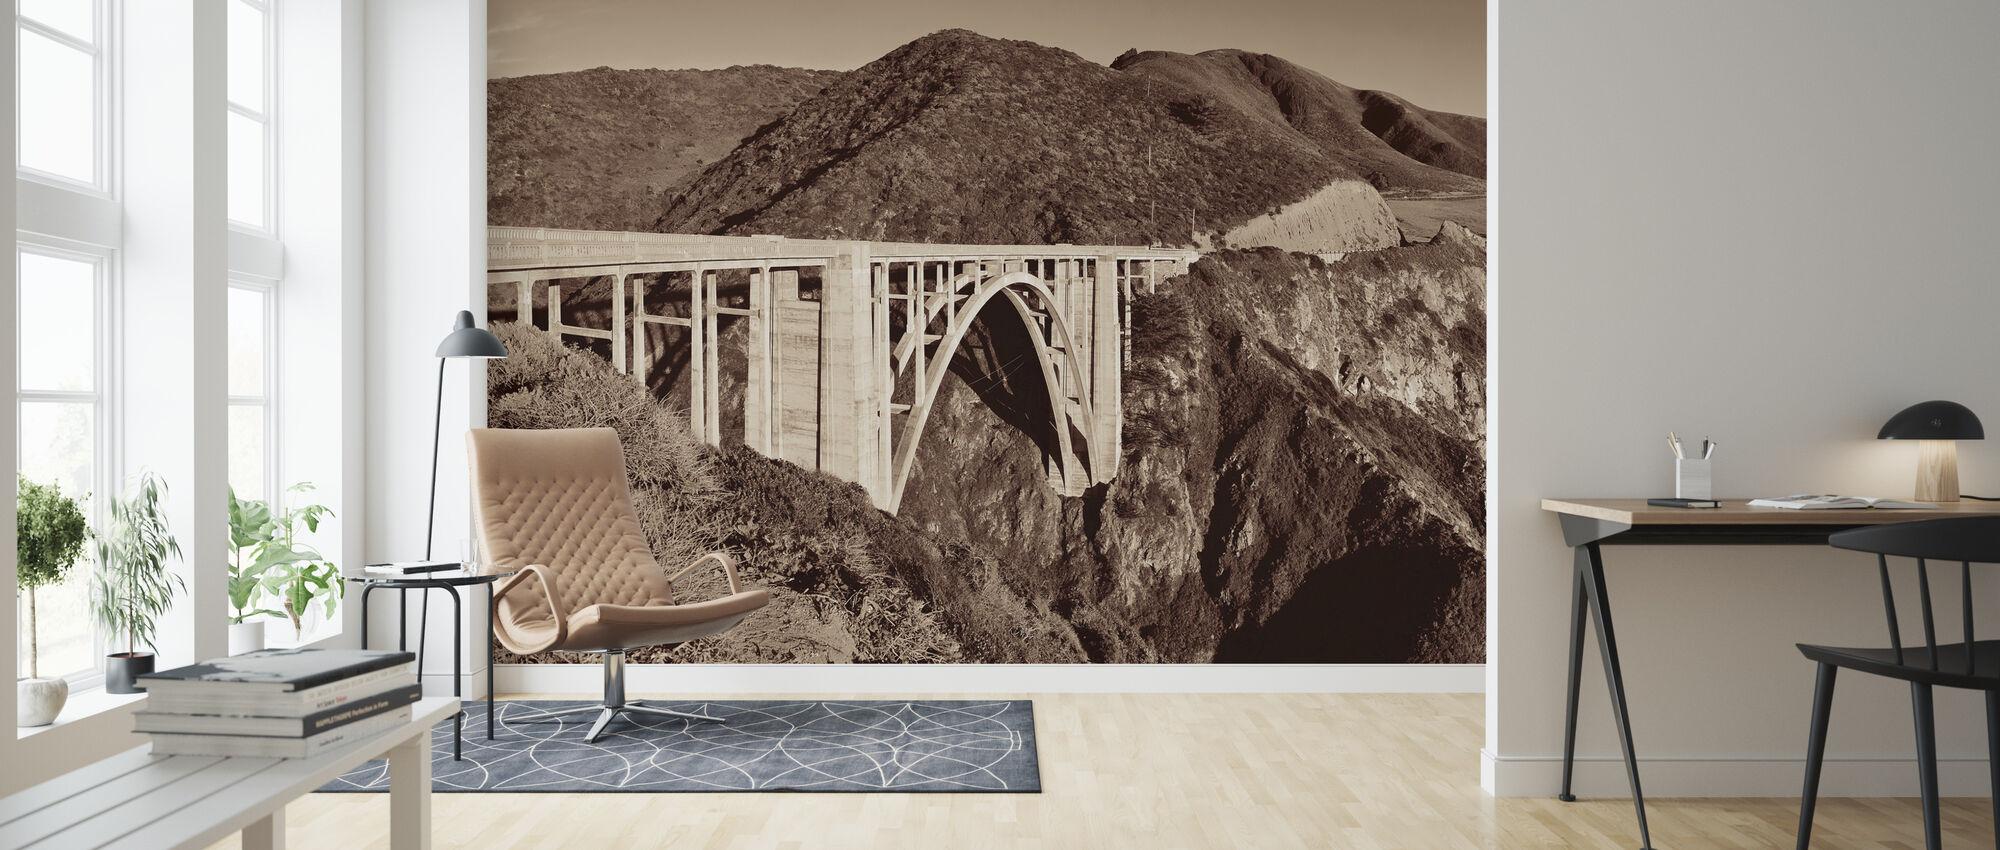 Bixy Bridge, Sepia - Wallpaper - Living Room